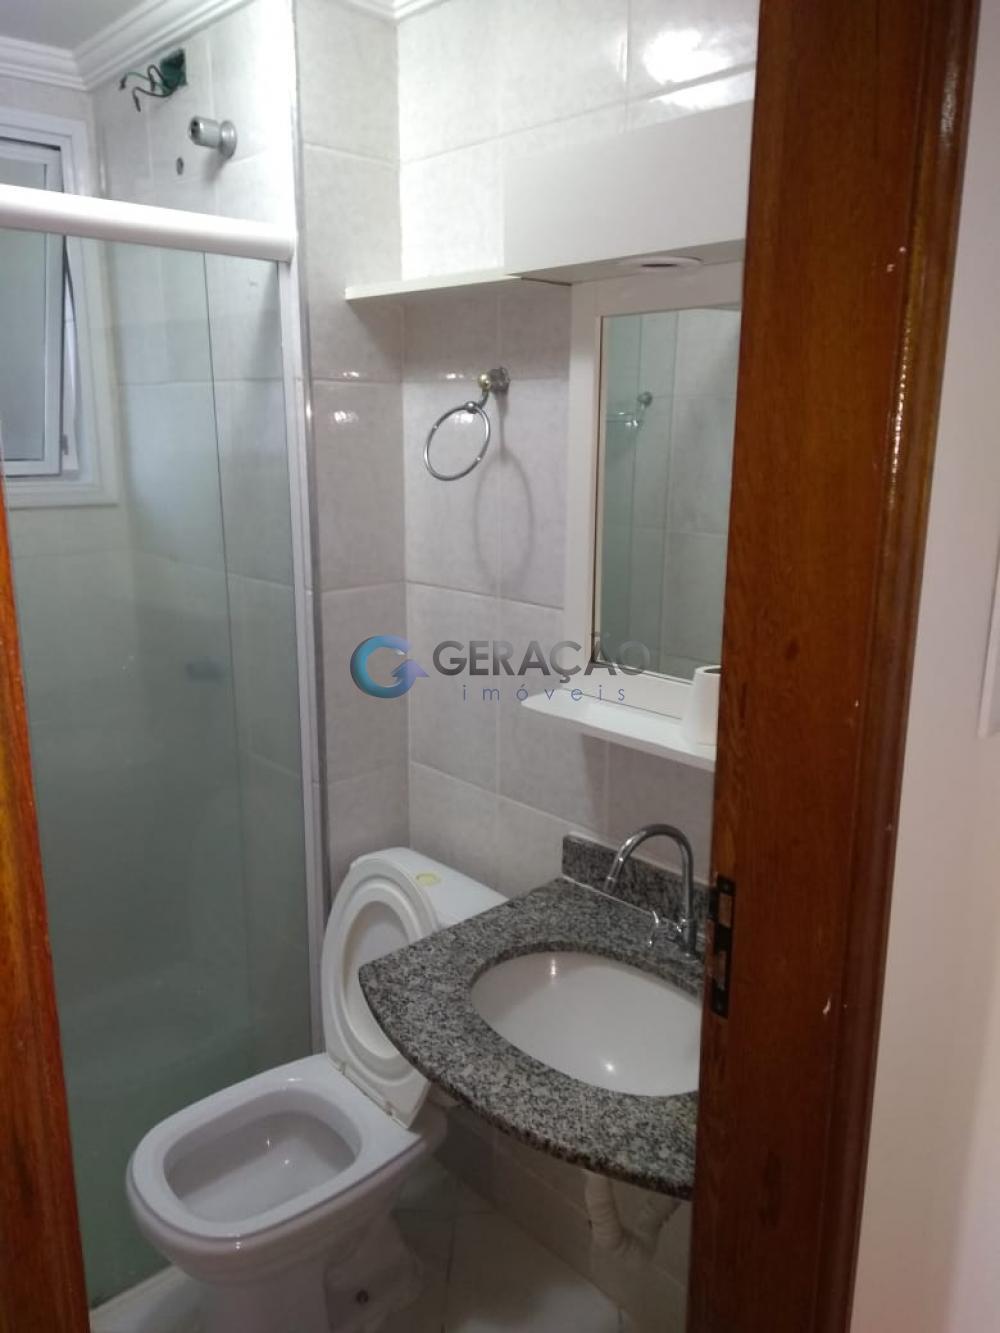 Comprar Apartamento / Padrão em São José dos Campos R$ 265.000,00 - Foto 10